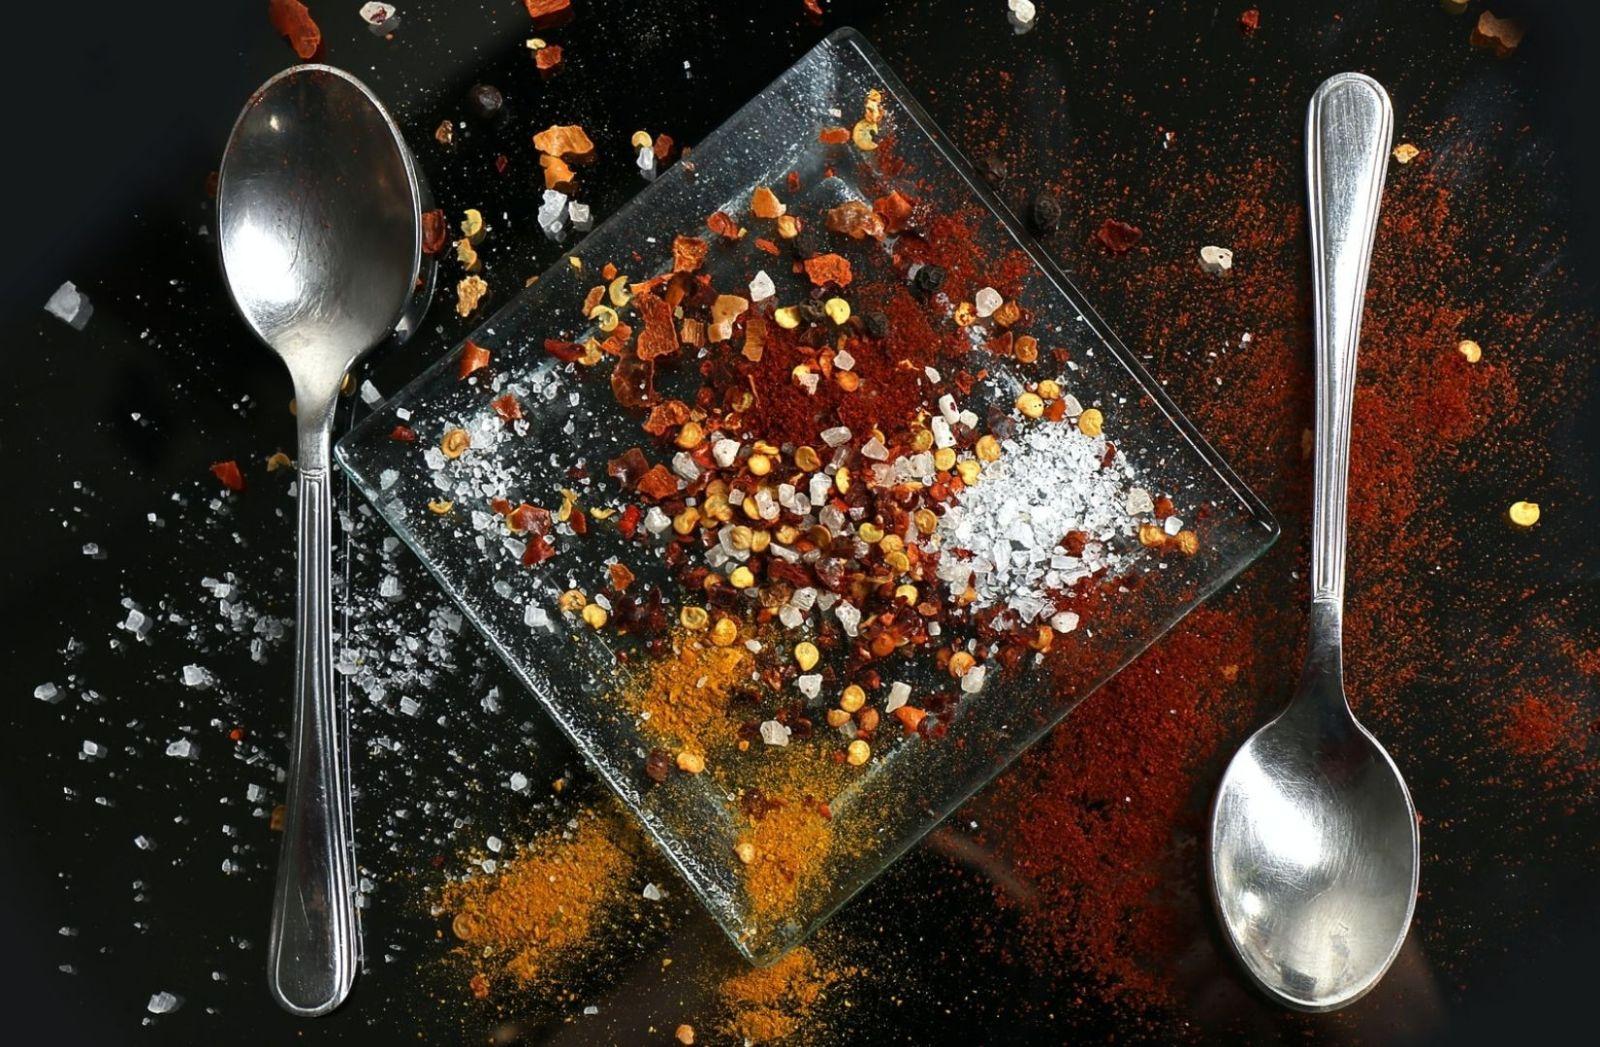 Chaos als künstlerische Anordnung. (Foto: Sonja Punz, Unsplash.com)